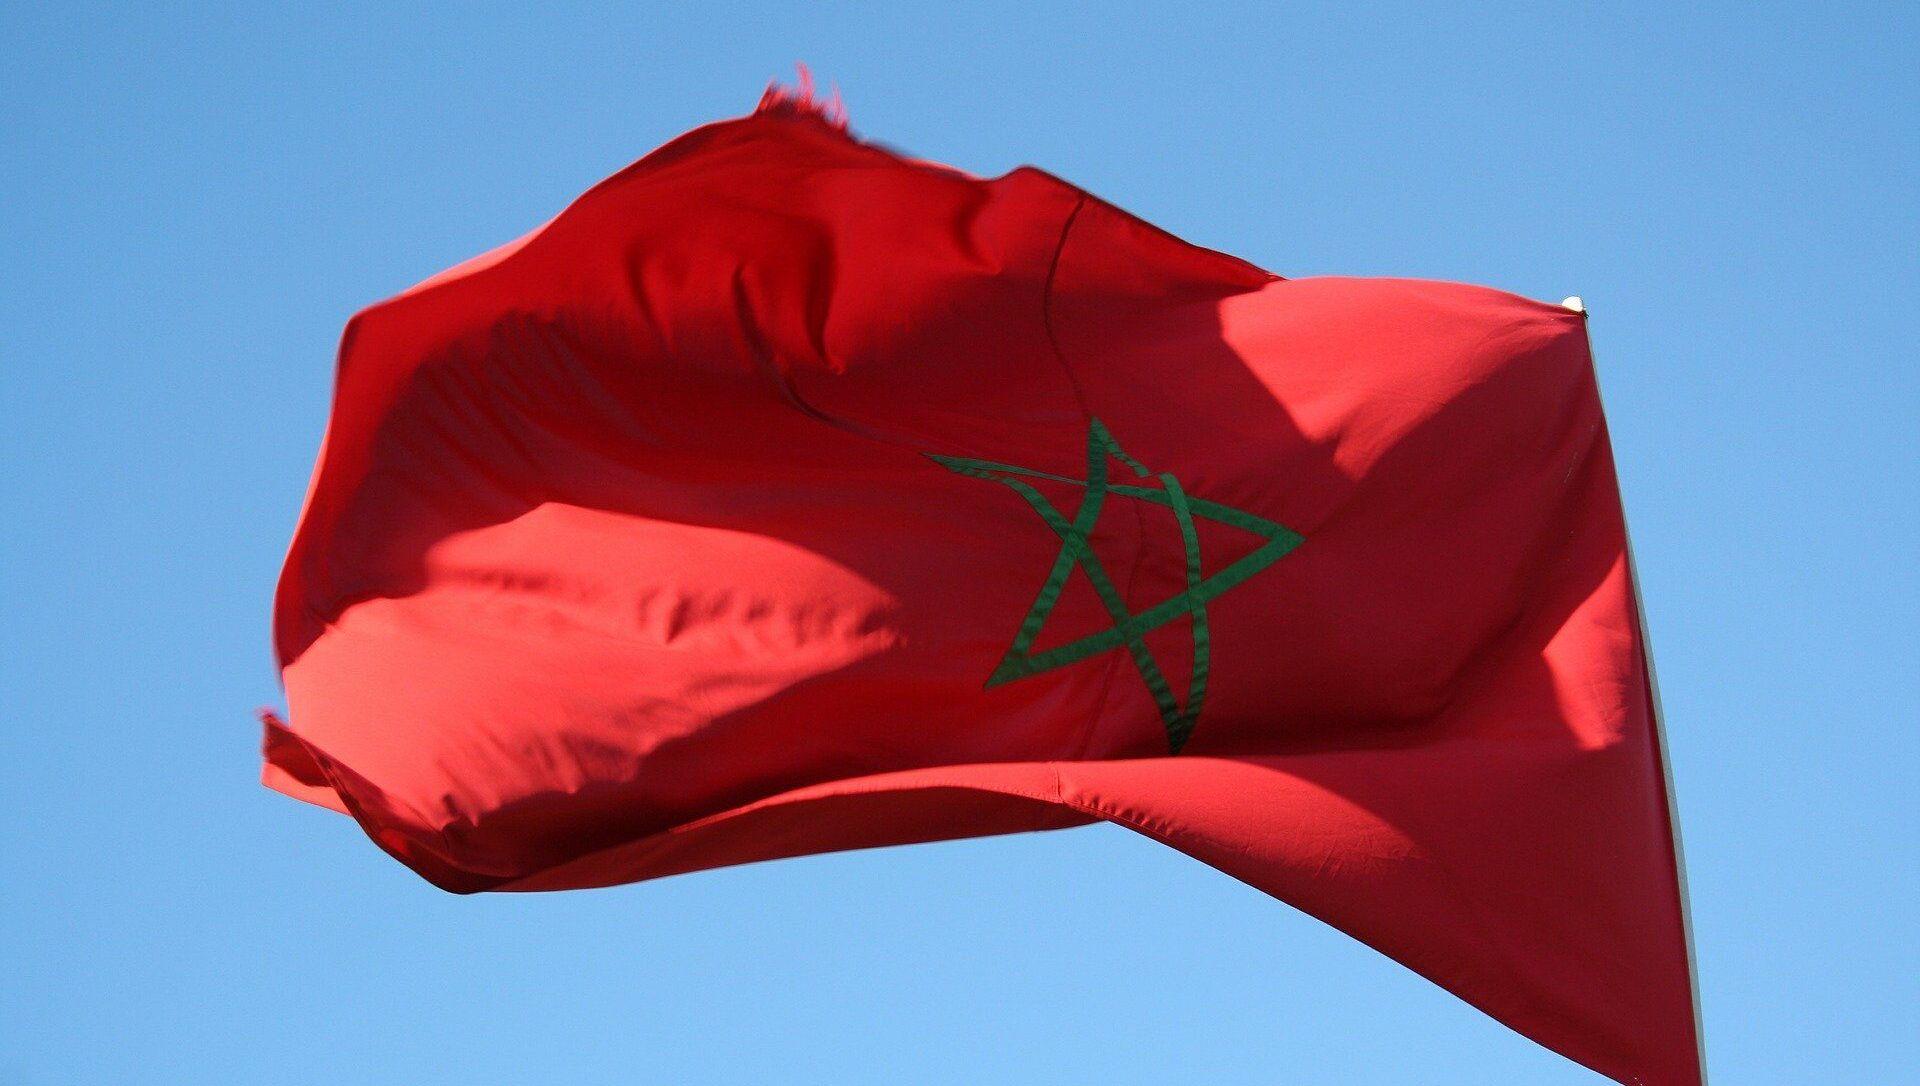 Drapeau Maroc  - Sputnik France, 1920, 09.09.2021